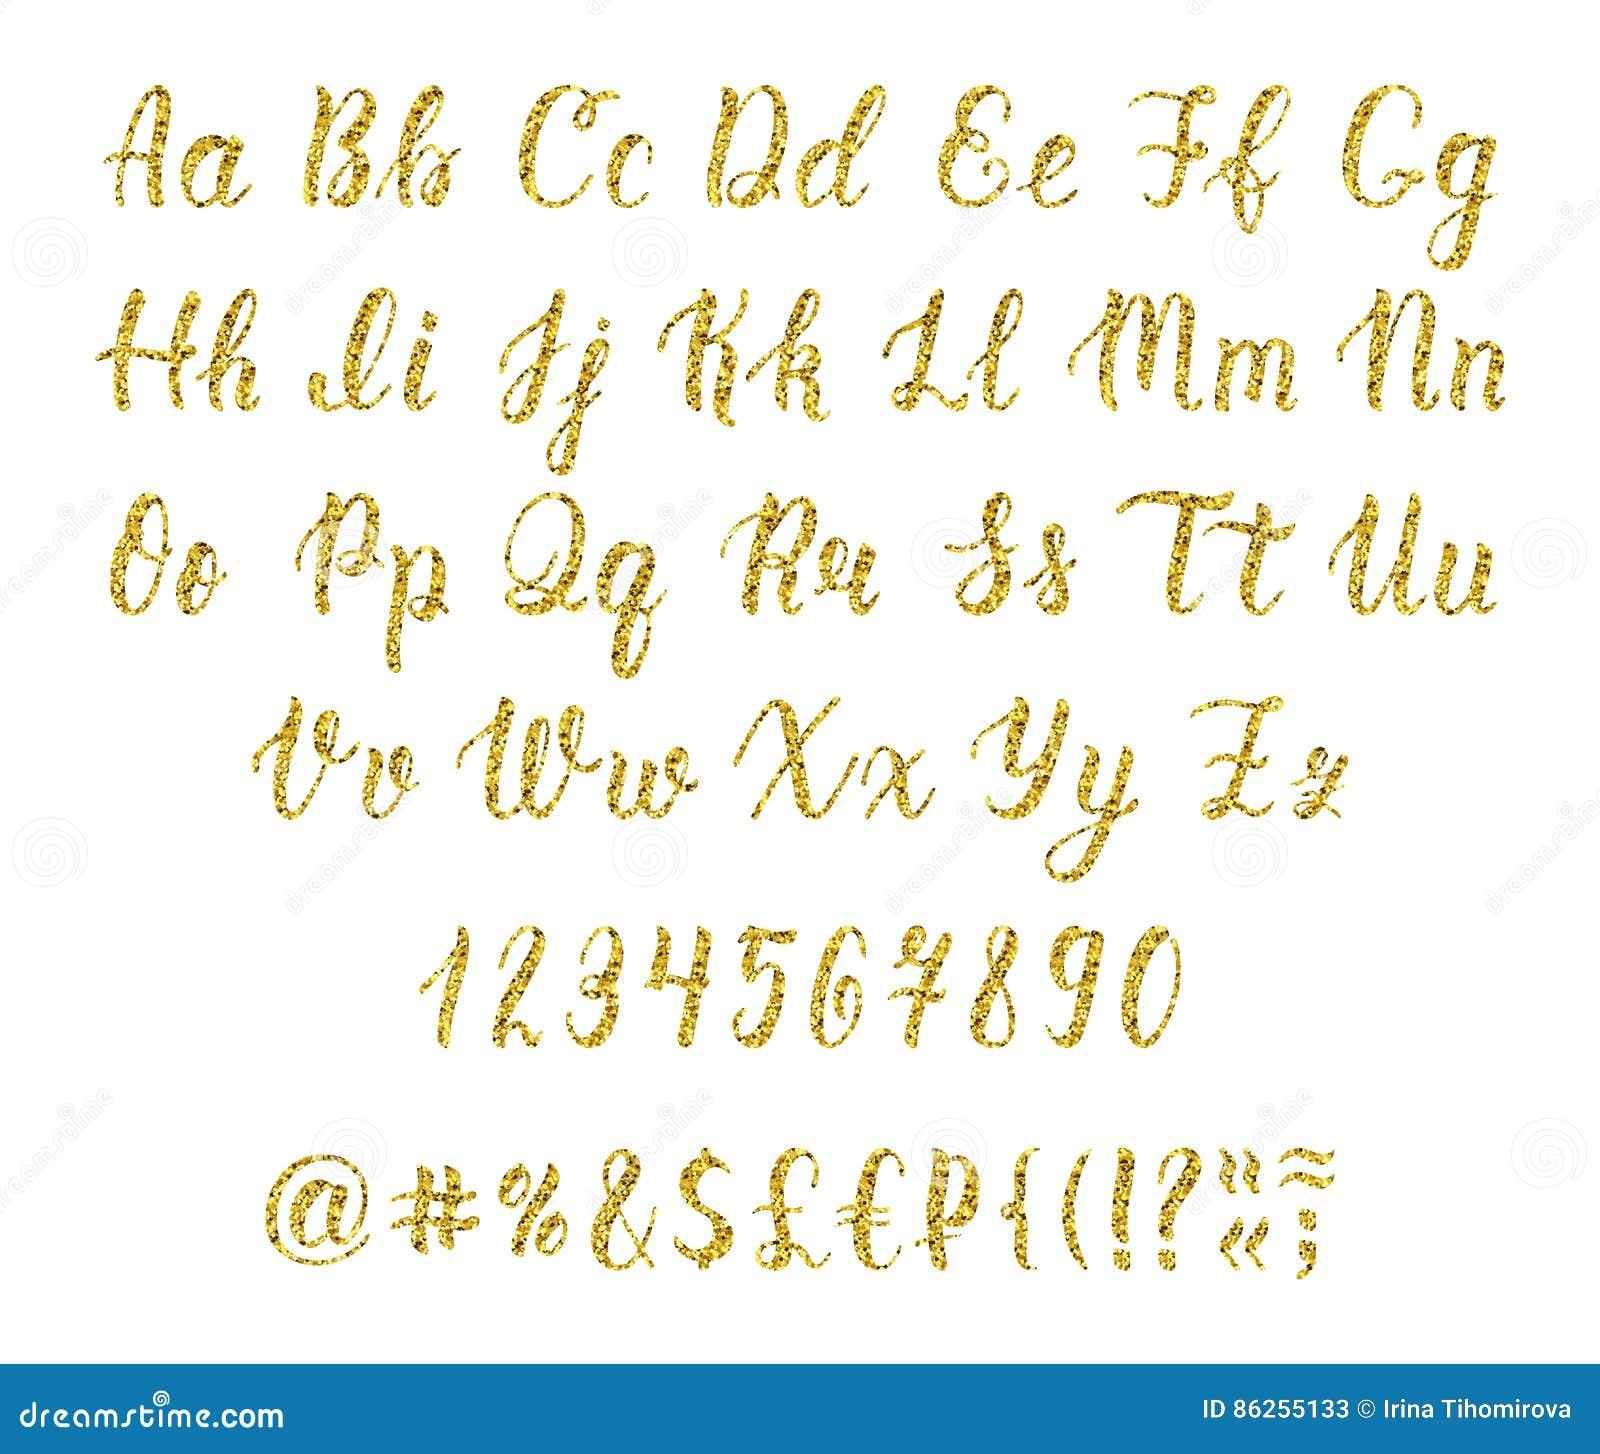 Рукописный латинский сценарий щетки каллиграфии с номерами и знаками препинания Алфавит яркого блеска золота вектор